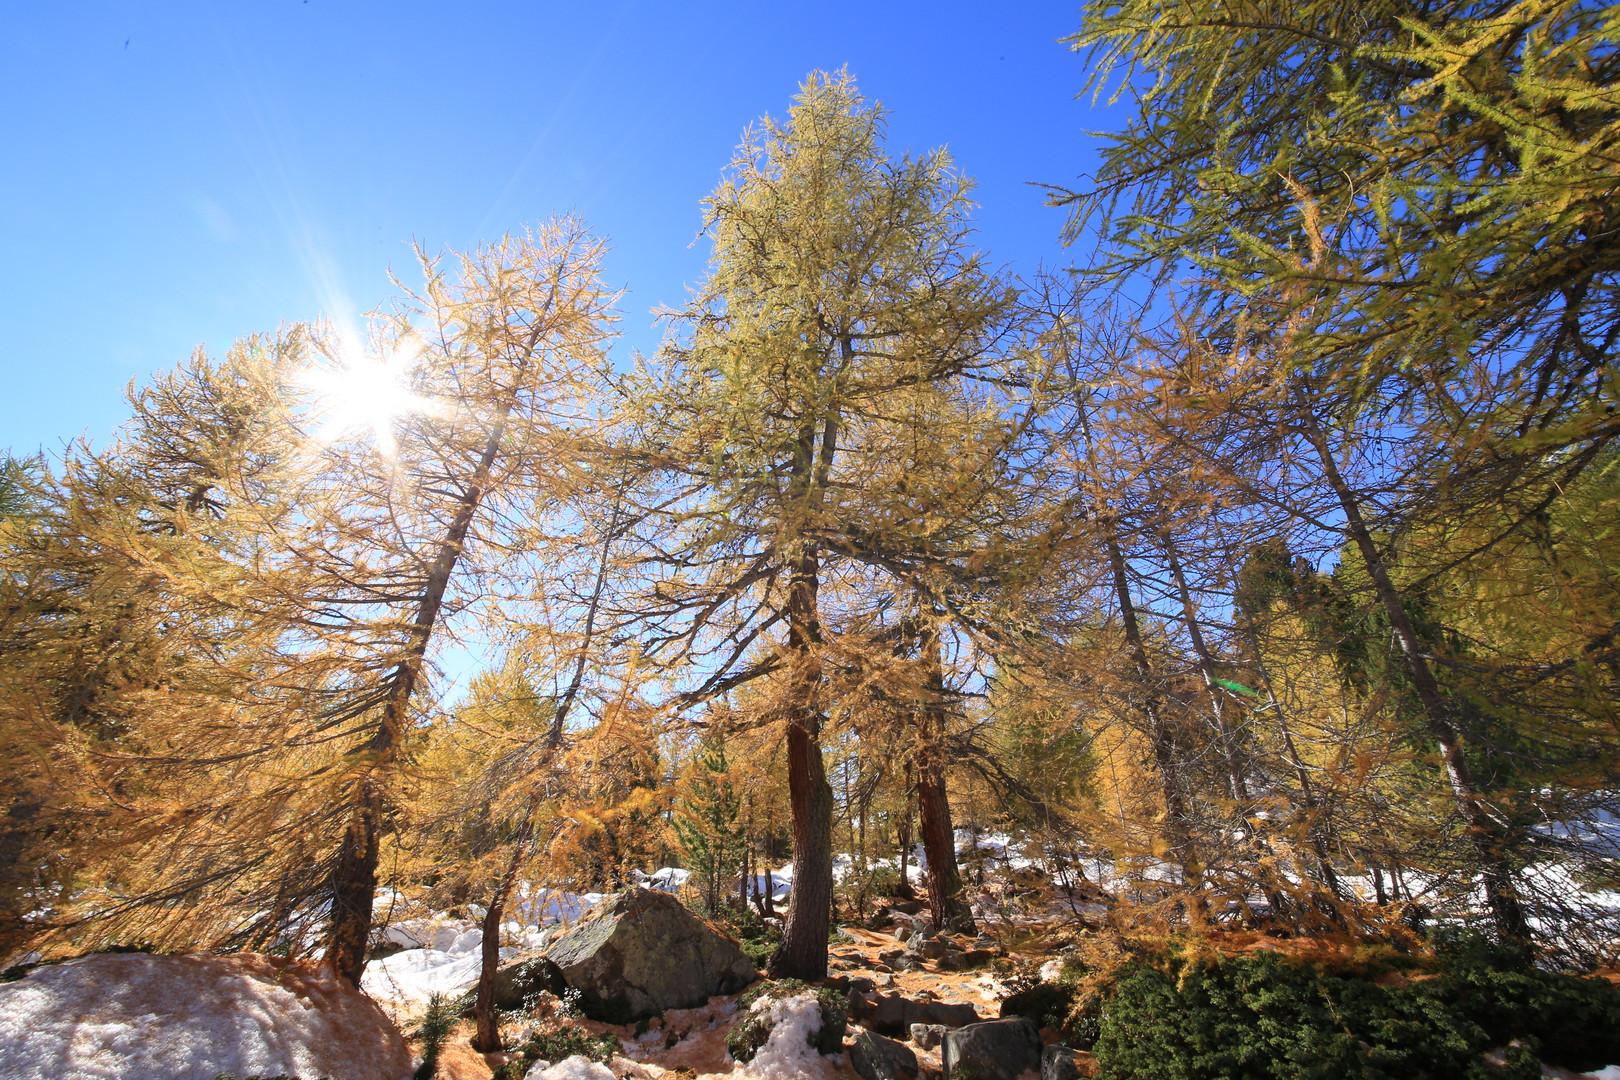 Lärchenwald im Herbst und ersten Schnee